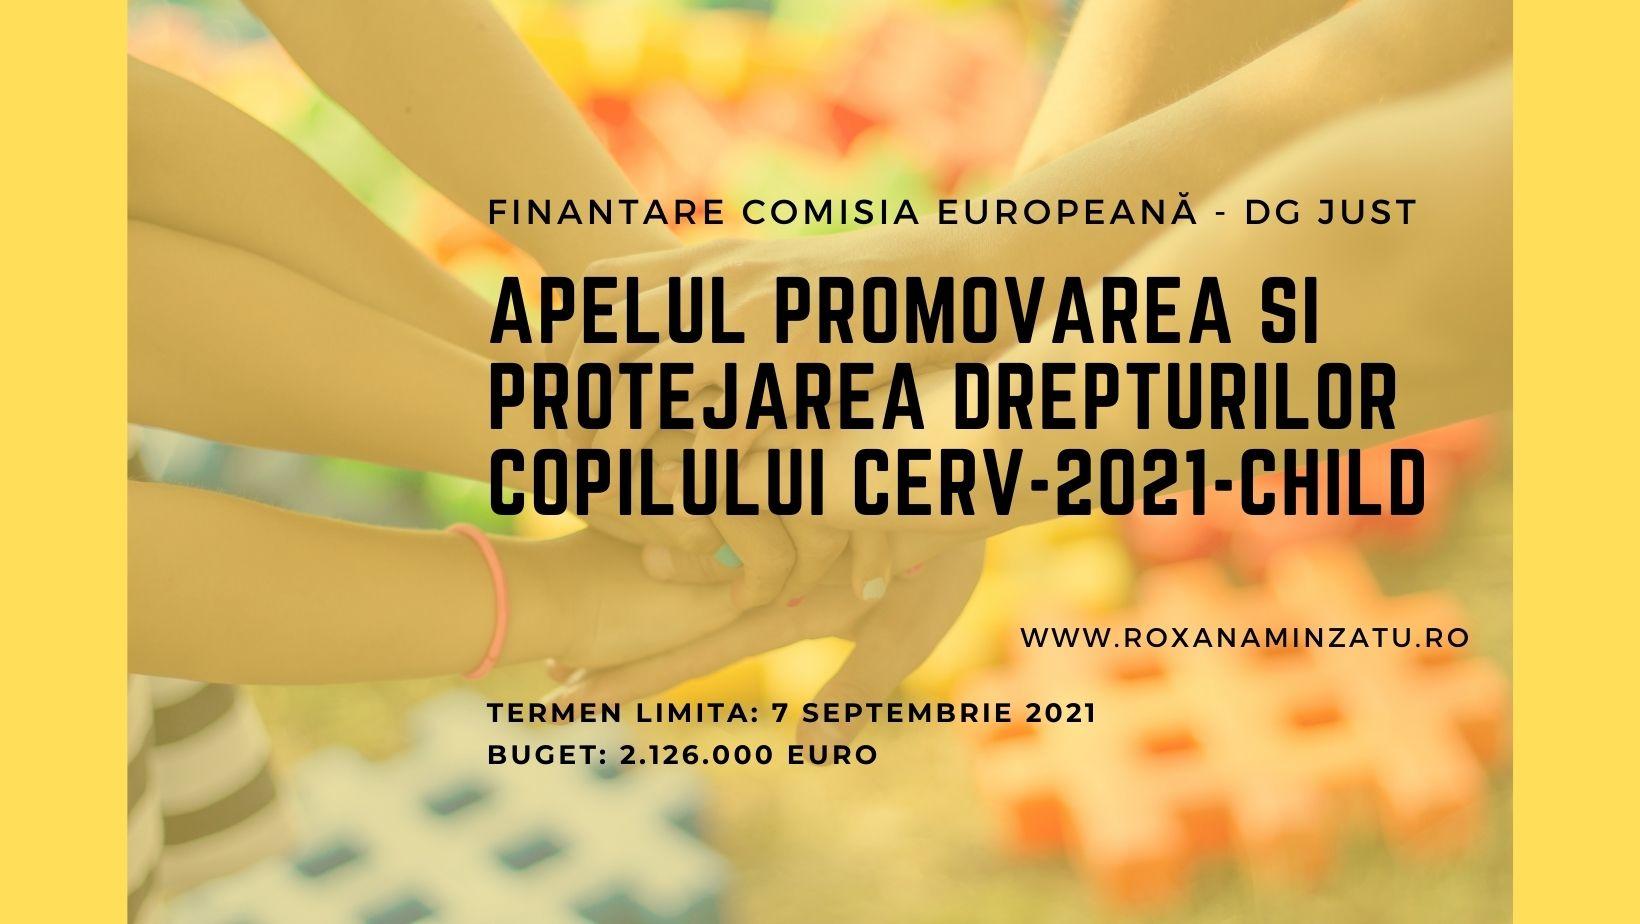 Oportunitate finanțare C.E. - Promovarea și protejarea drepturilor copilului (CERV 2021)